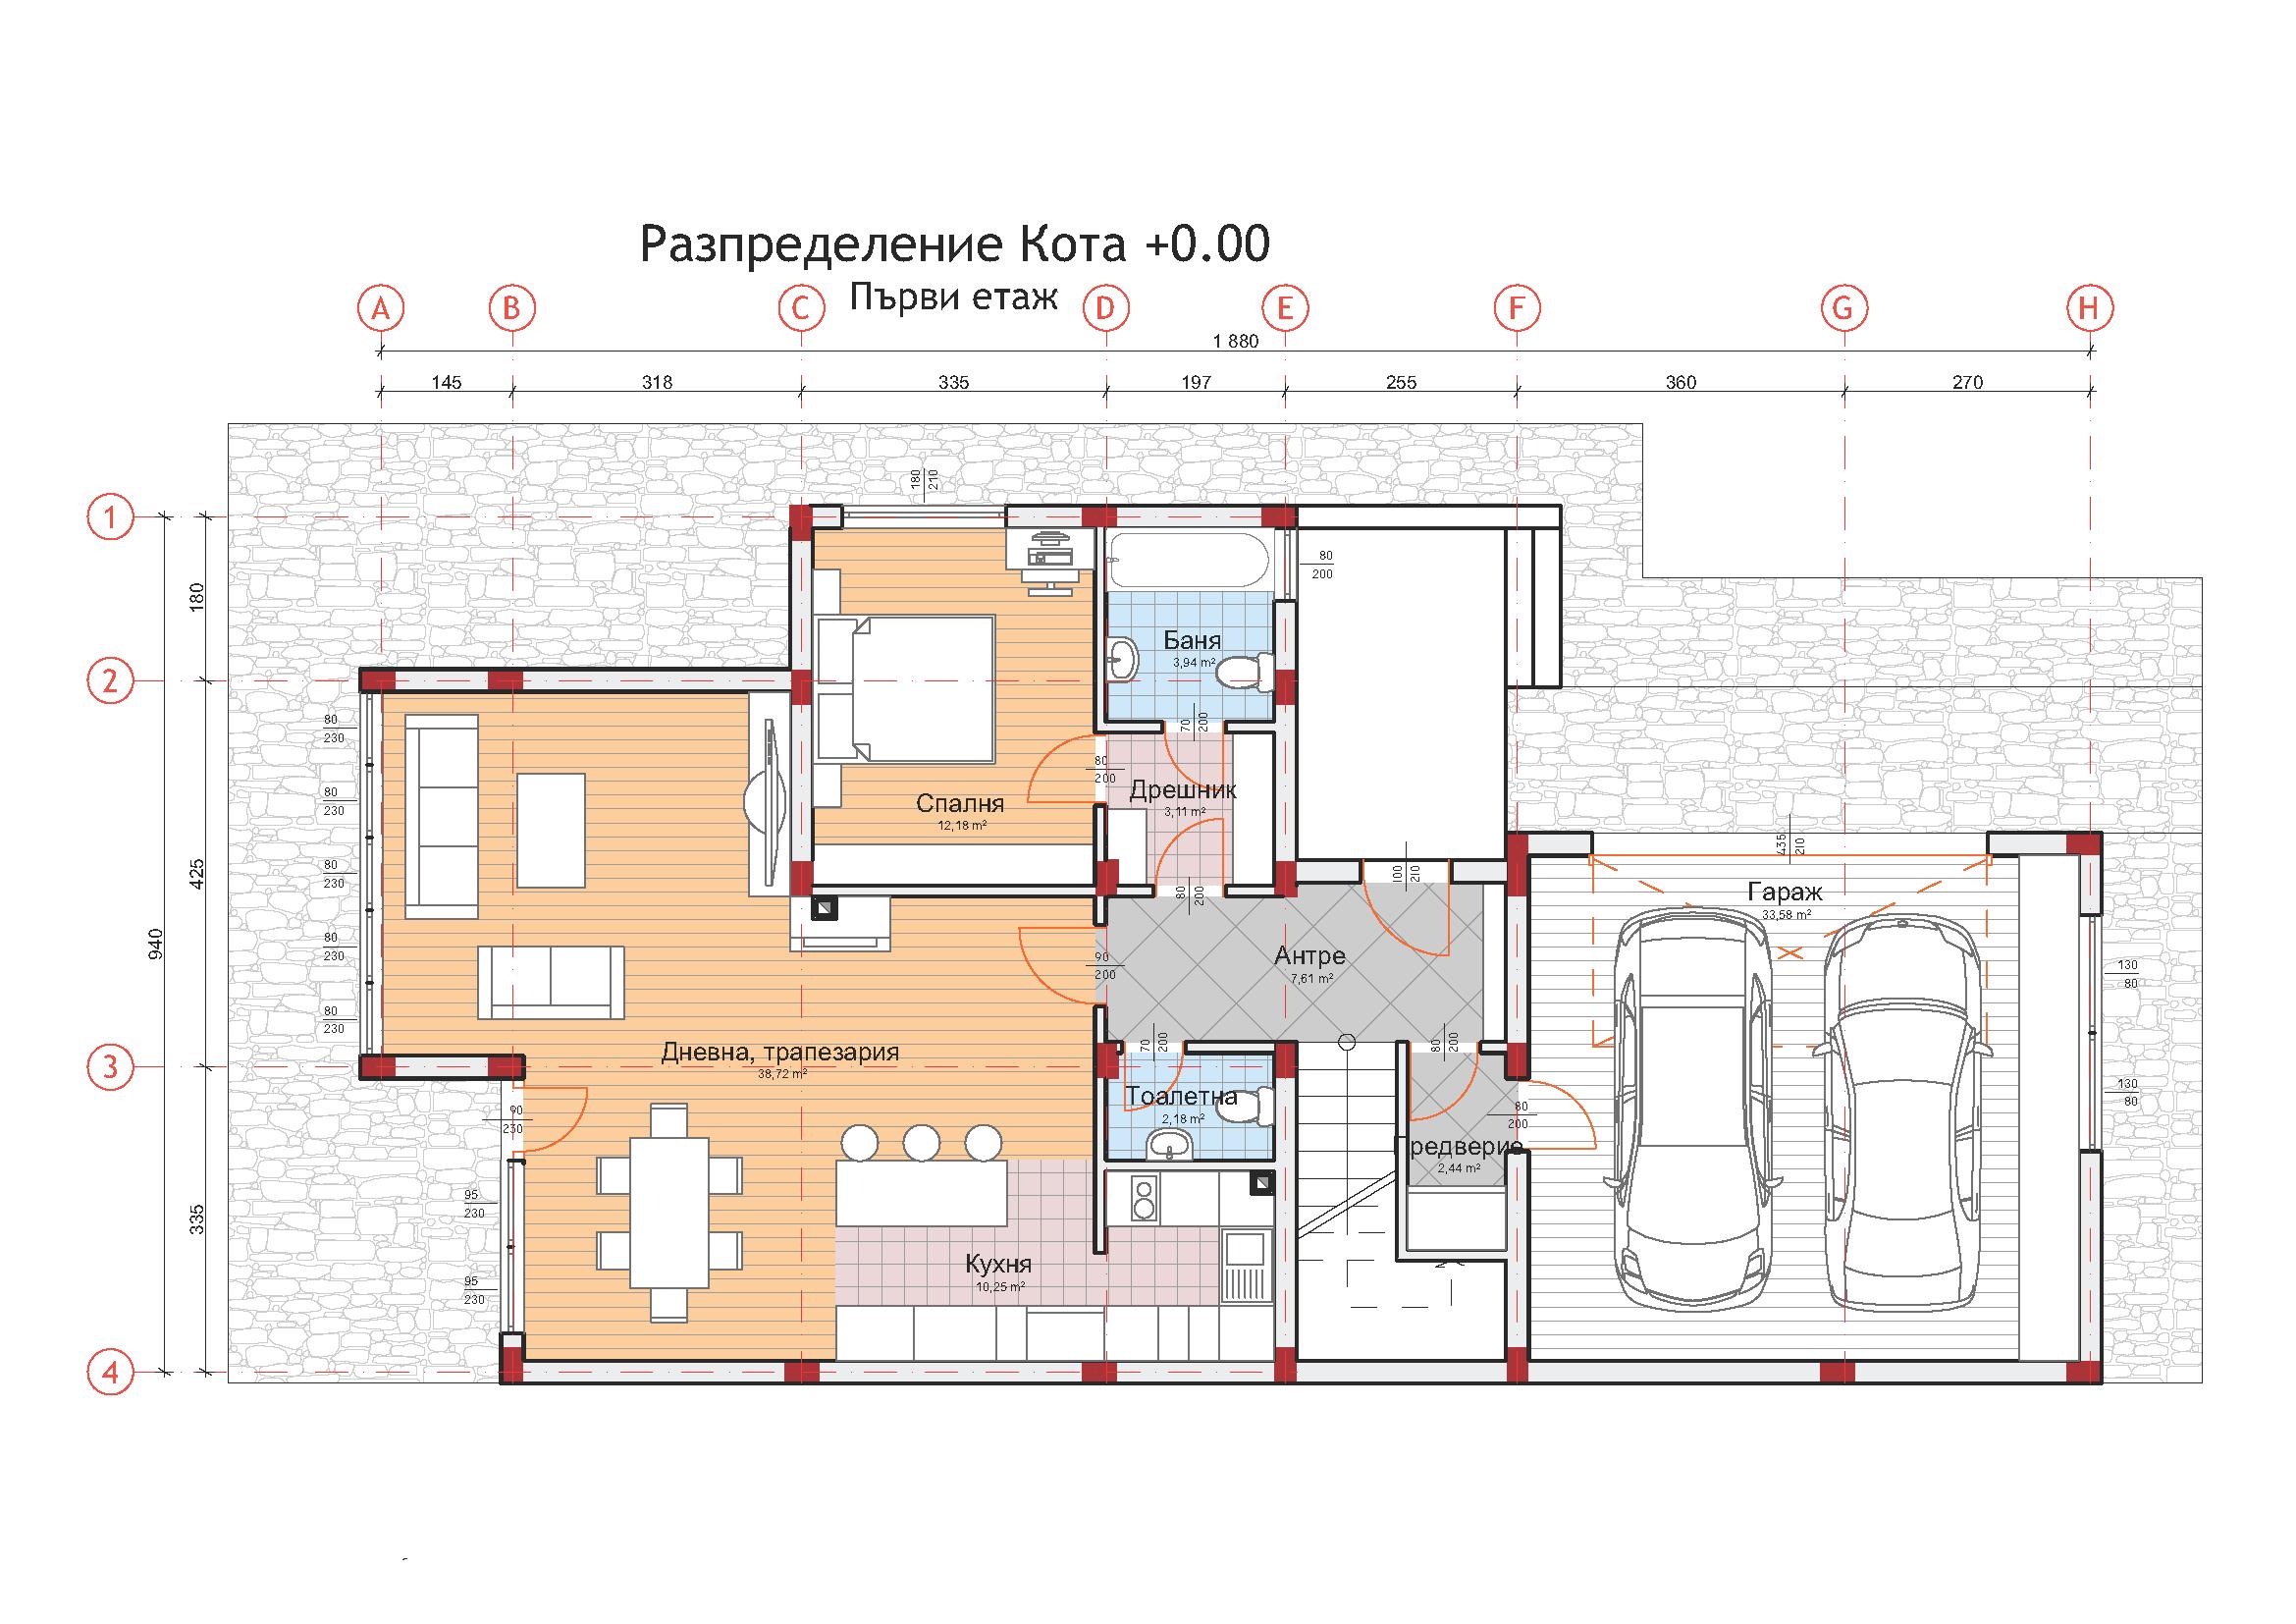 двуетажна еднофамилна къща